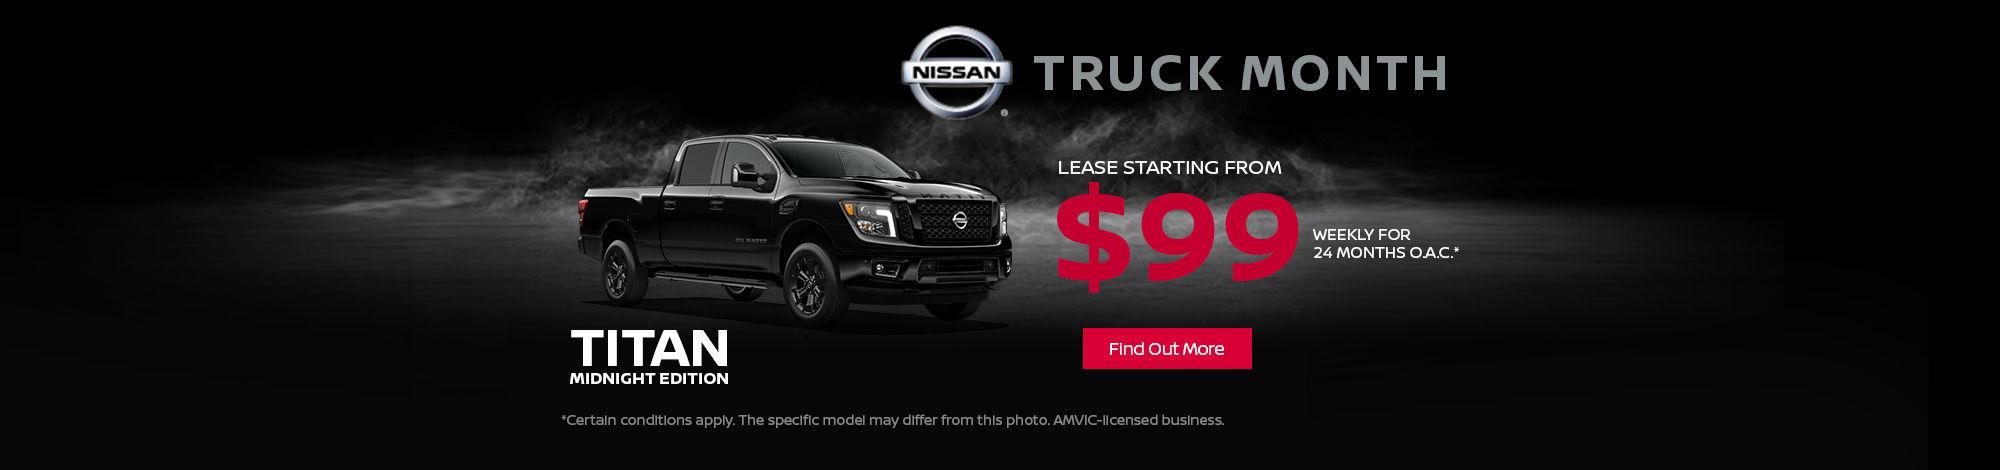 2018 Nissan Truck Month- Titan